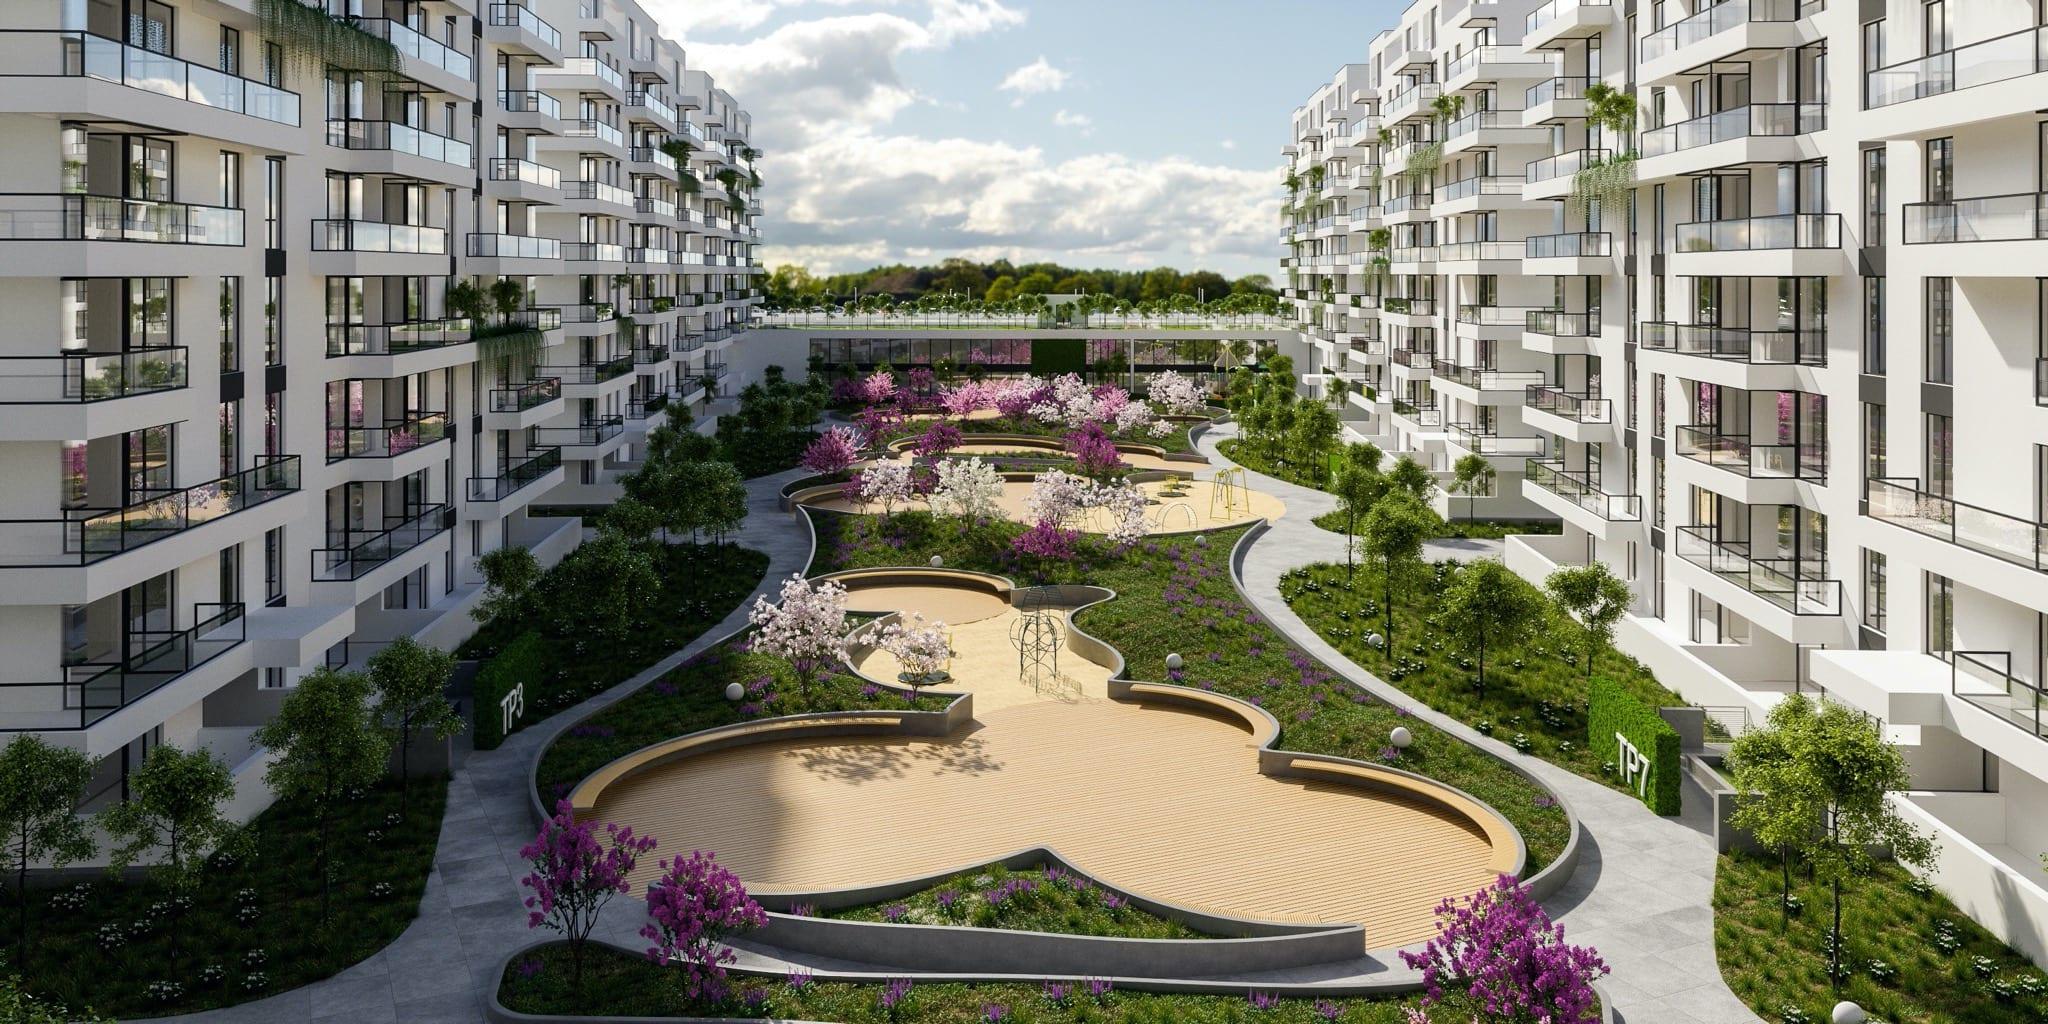 Tomis Park 1 copy - Tomis Plus investește 20 milioane de euro în extinderea proiectului rezidențial din Constanța